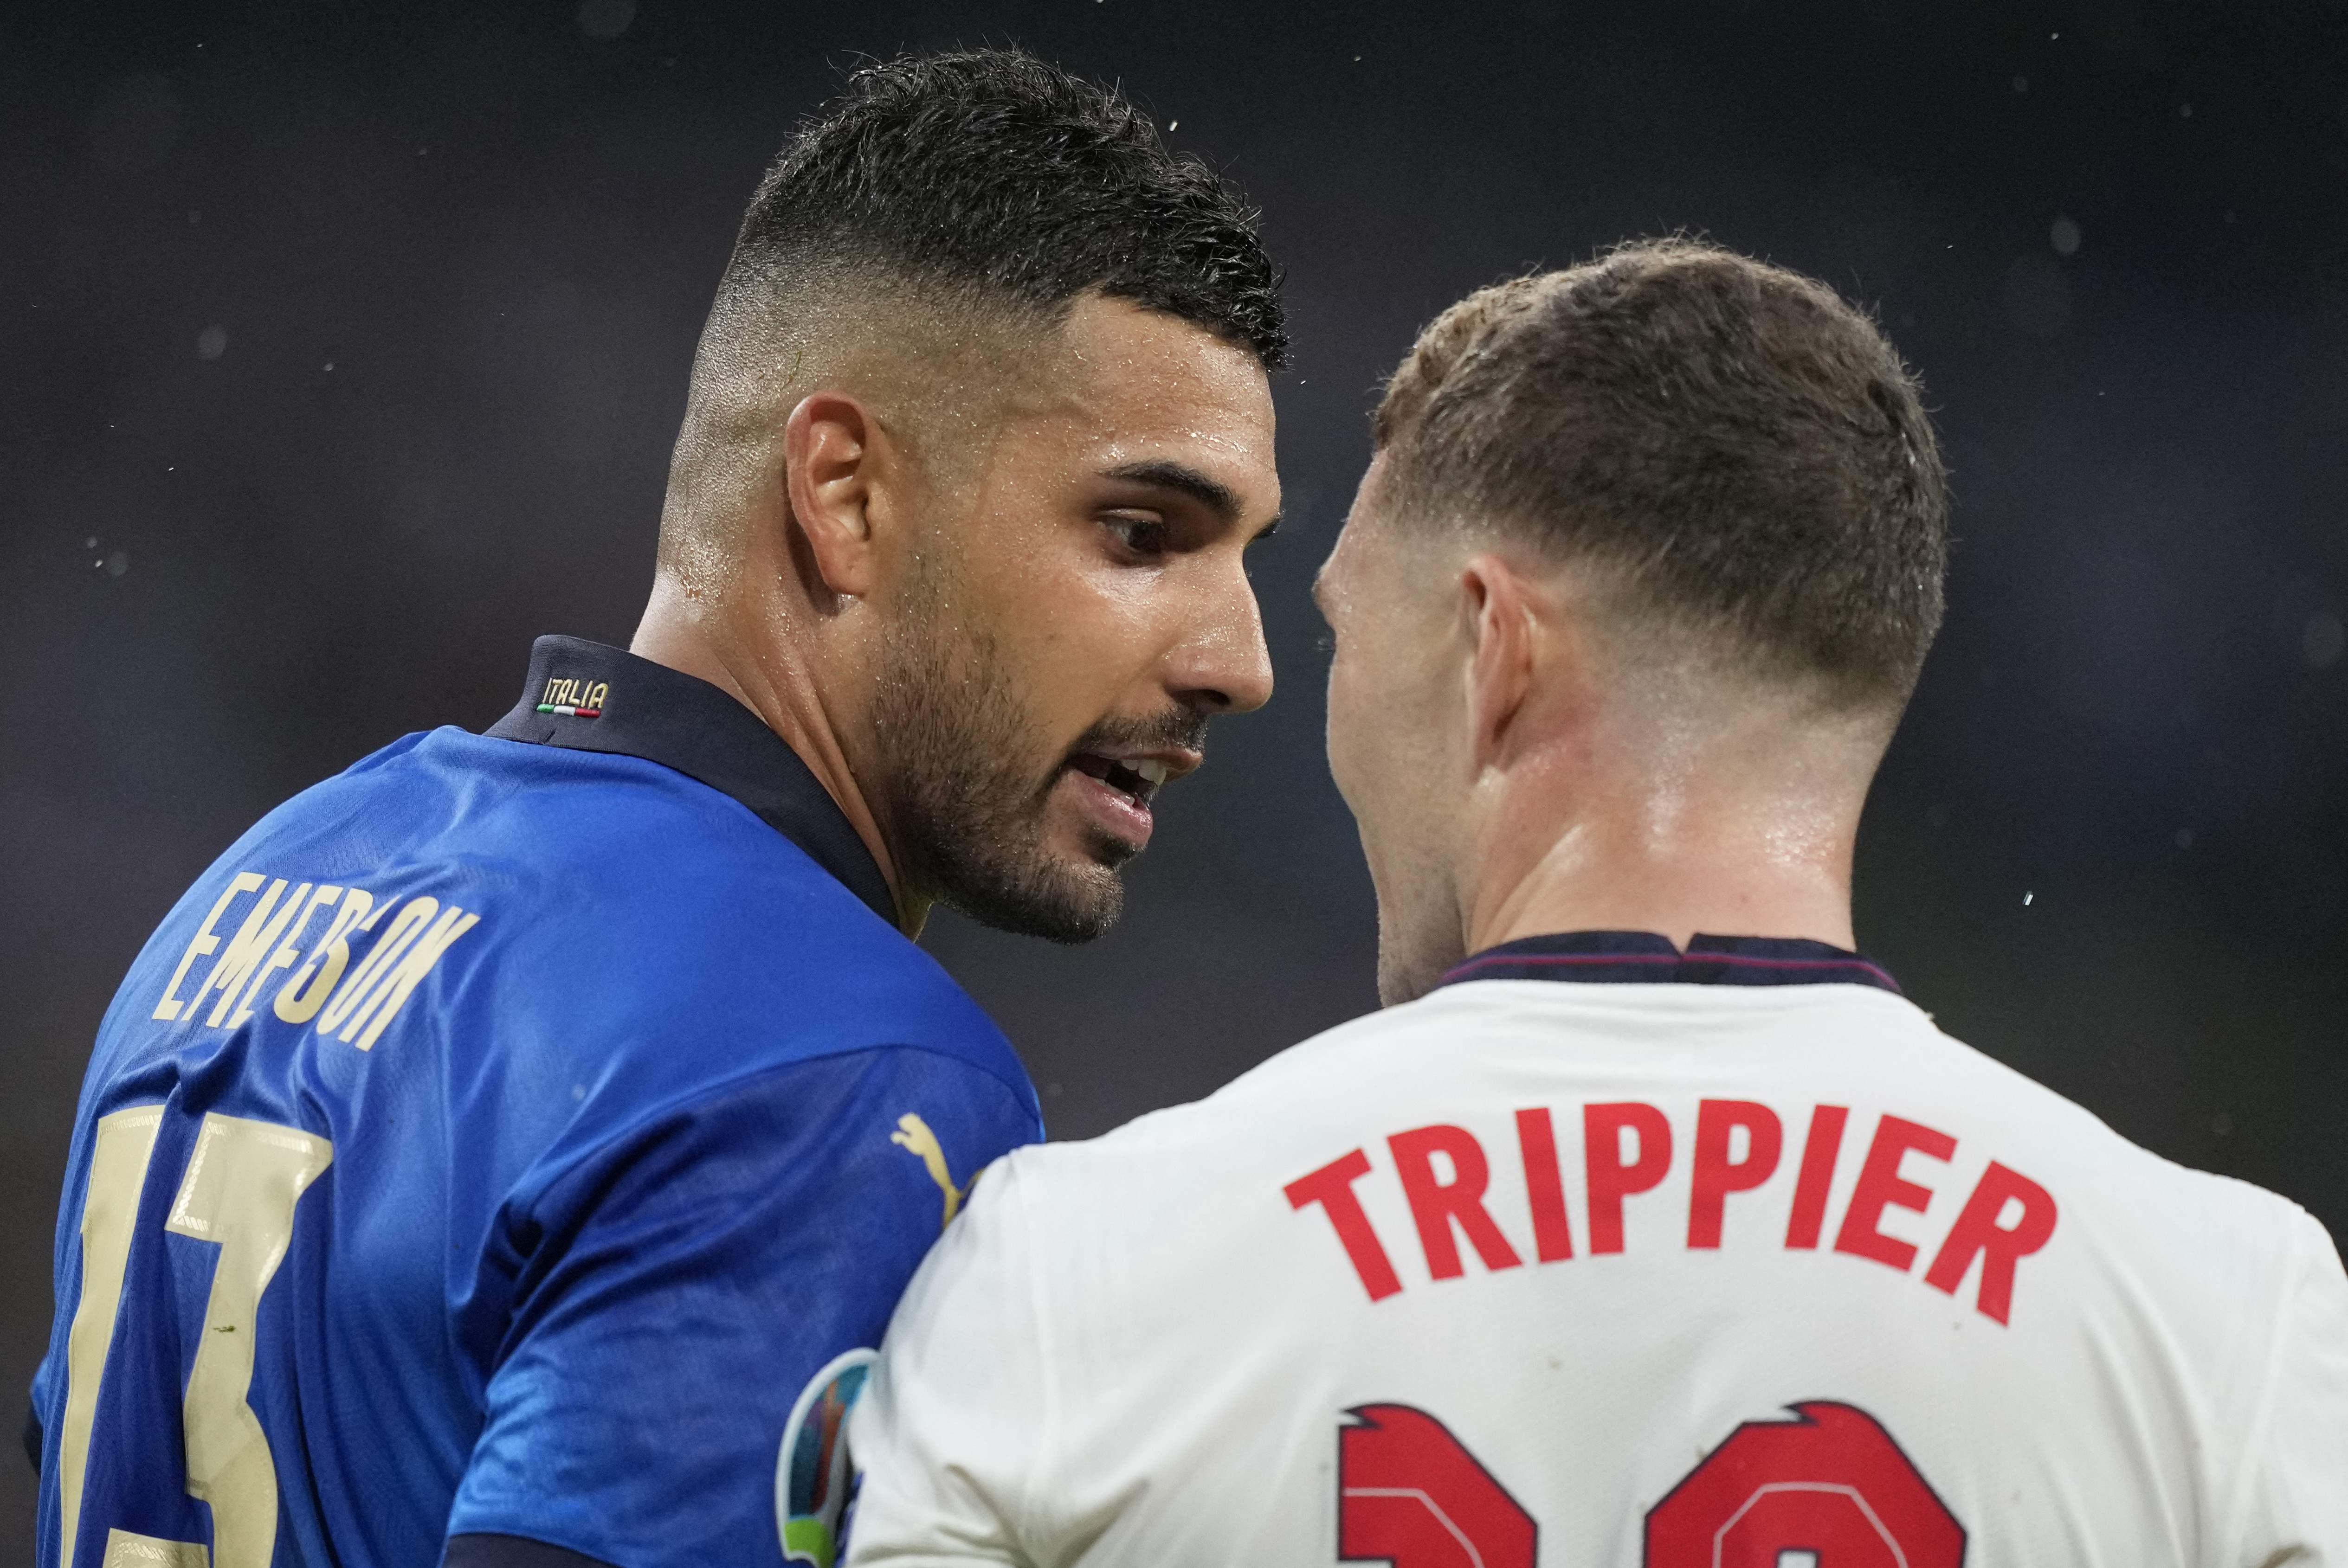 埃莫森和特里皮尔发生口角。